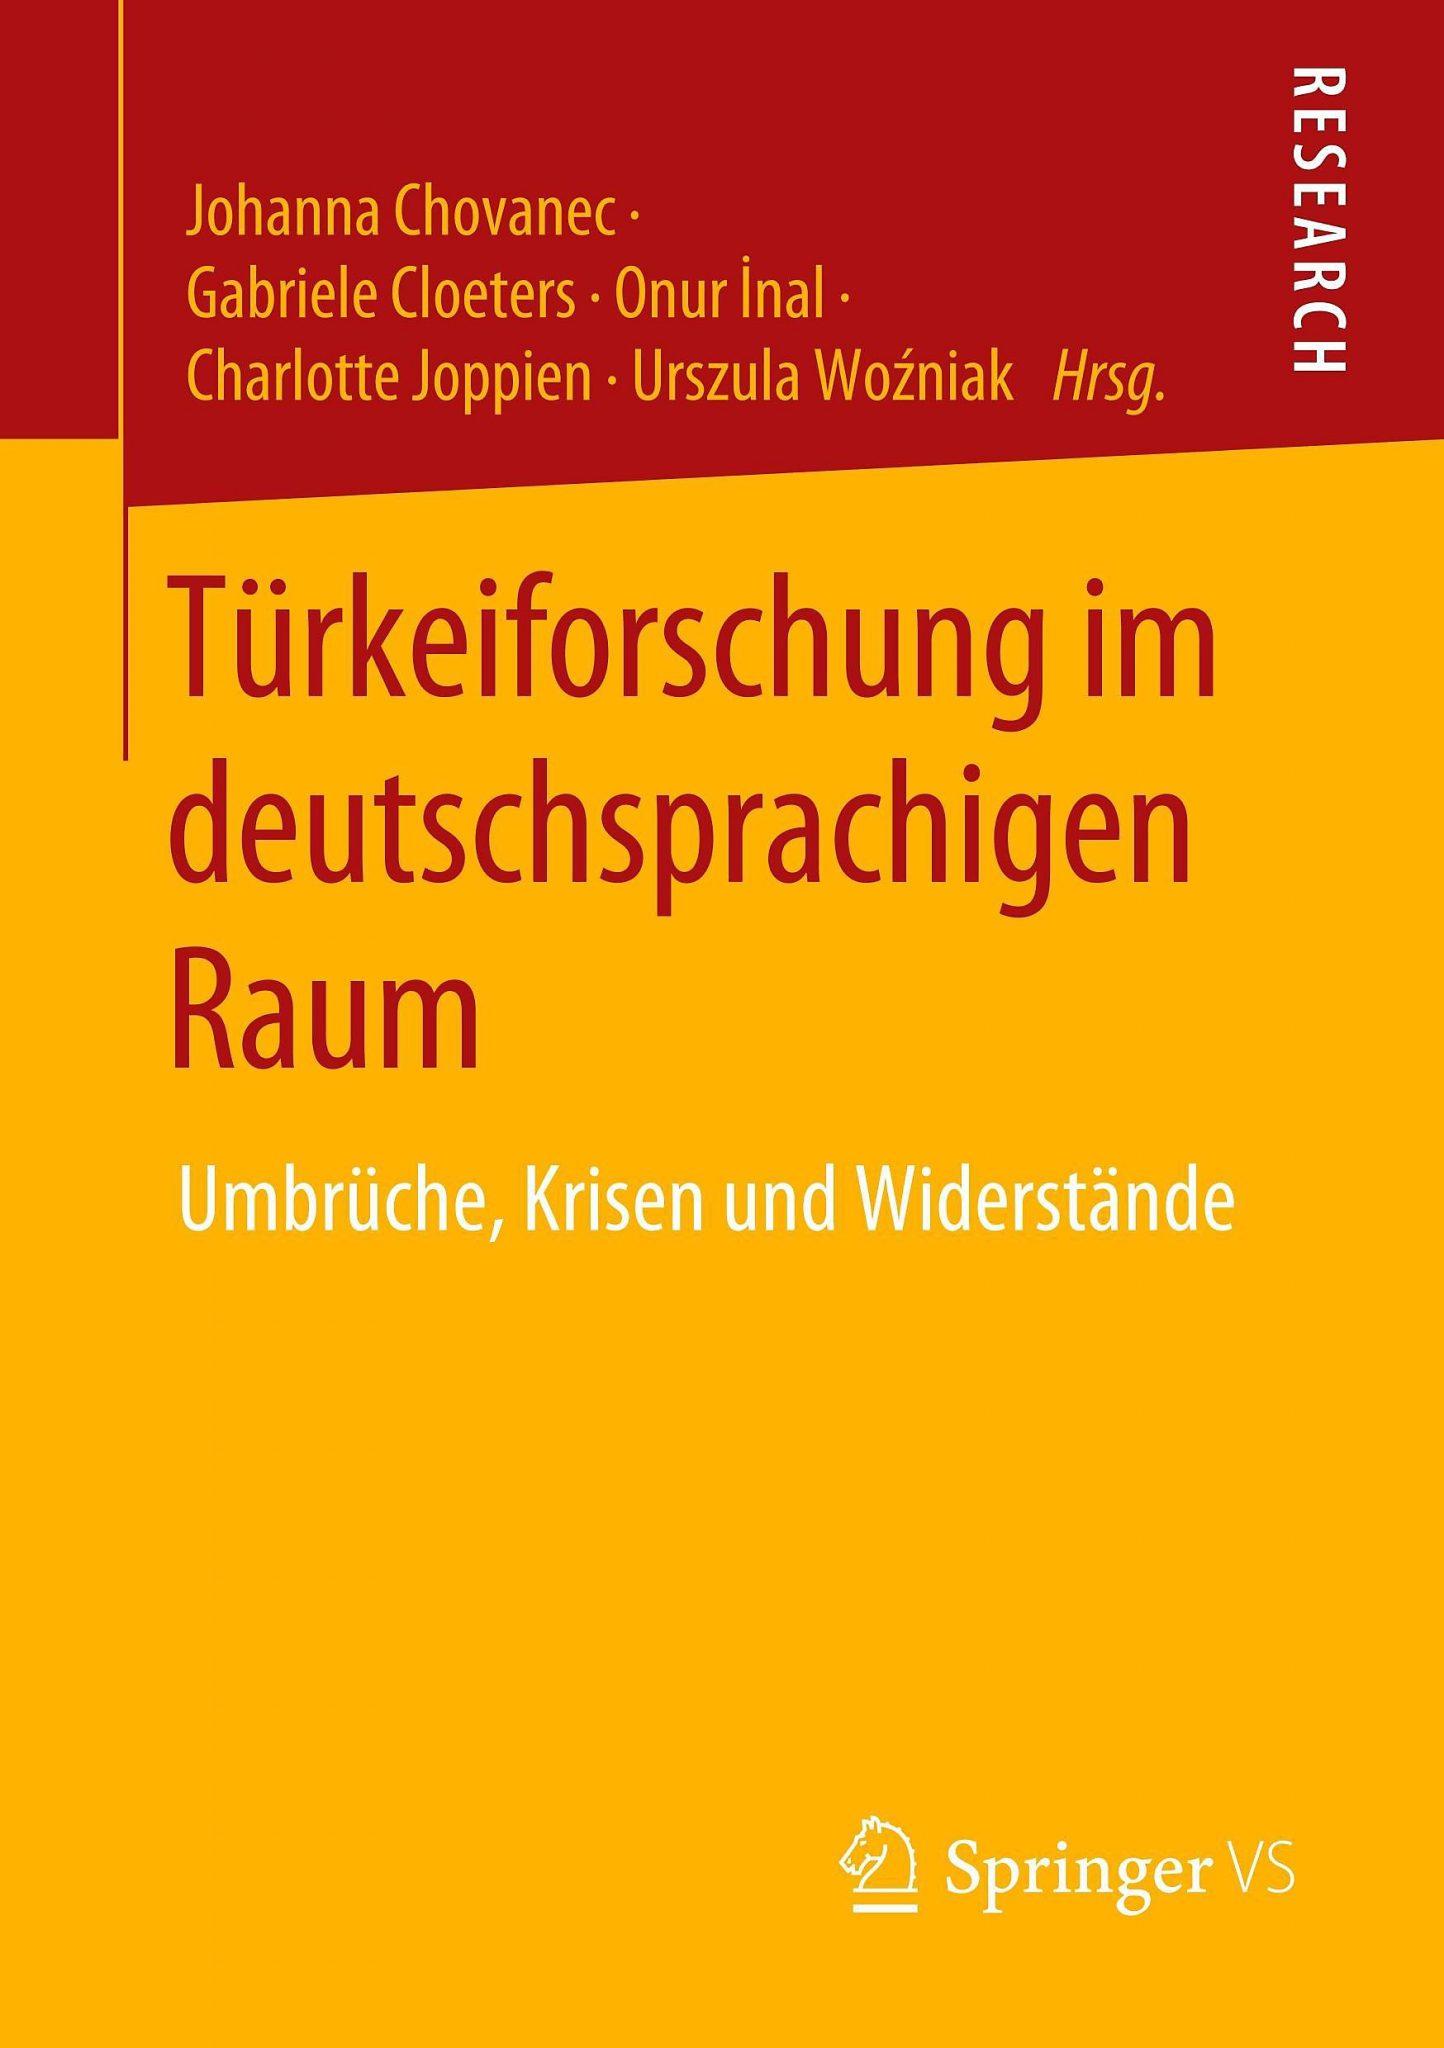 tuerkeiforschung-im-deutschsprachigen-raum-292285756